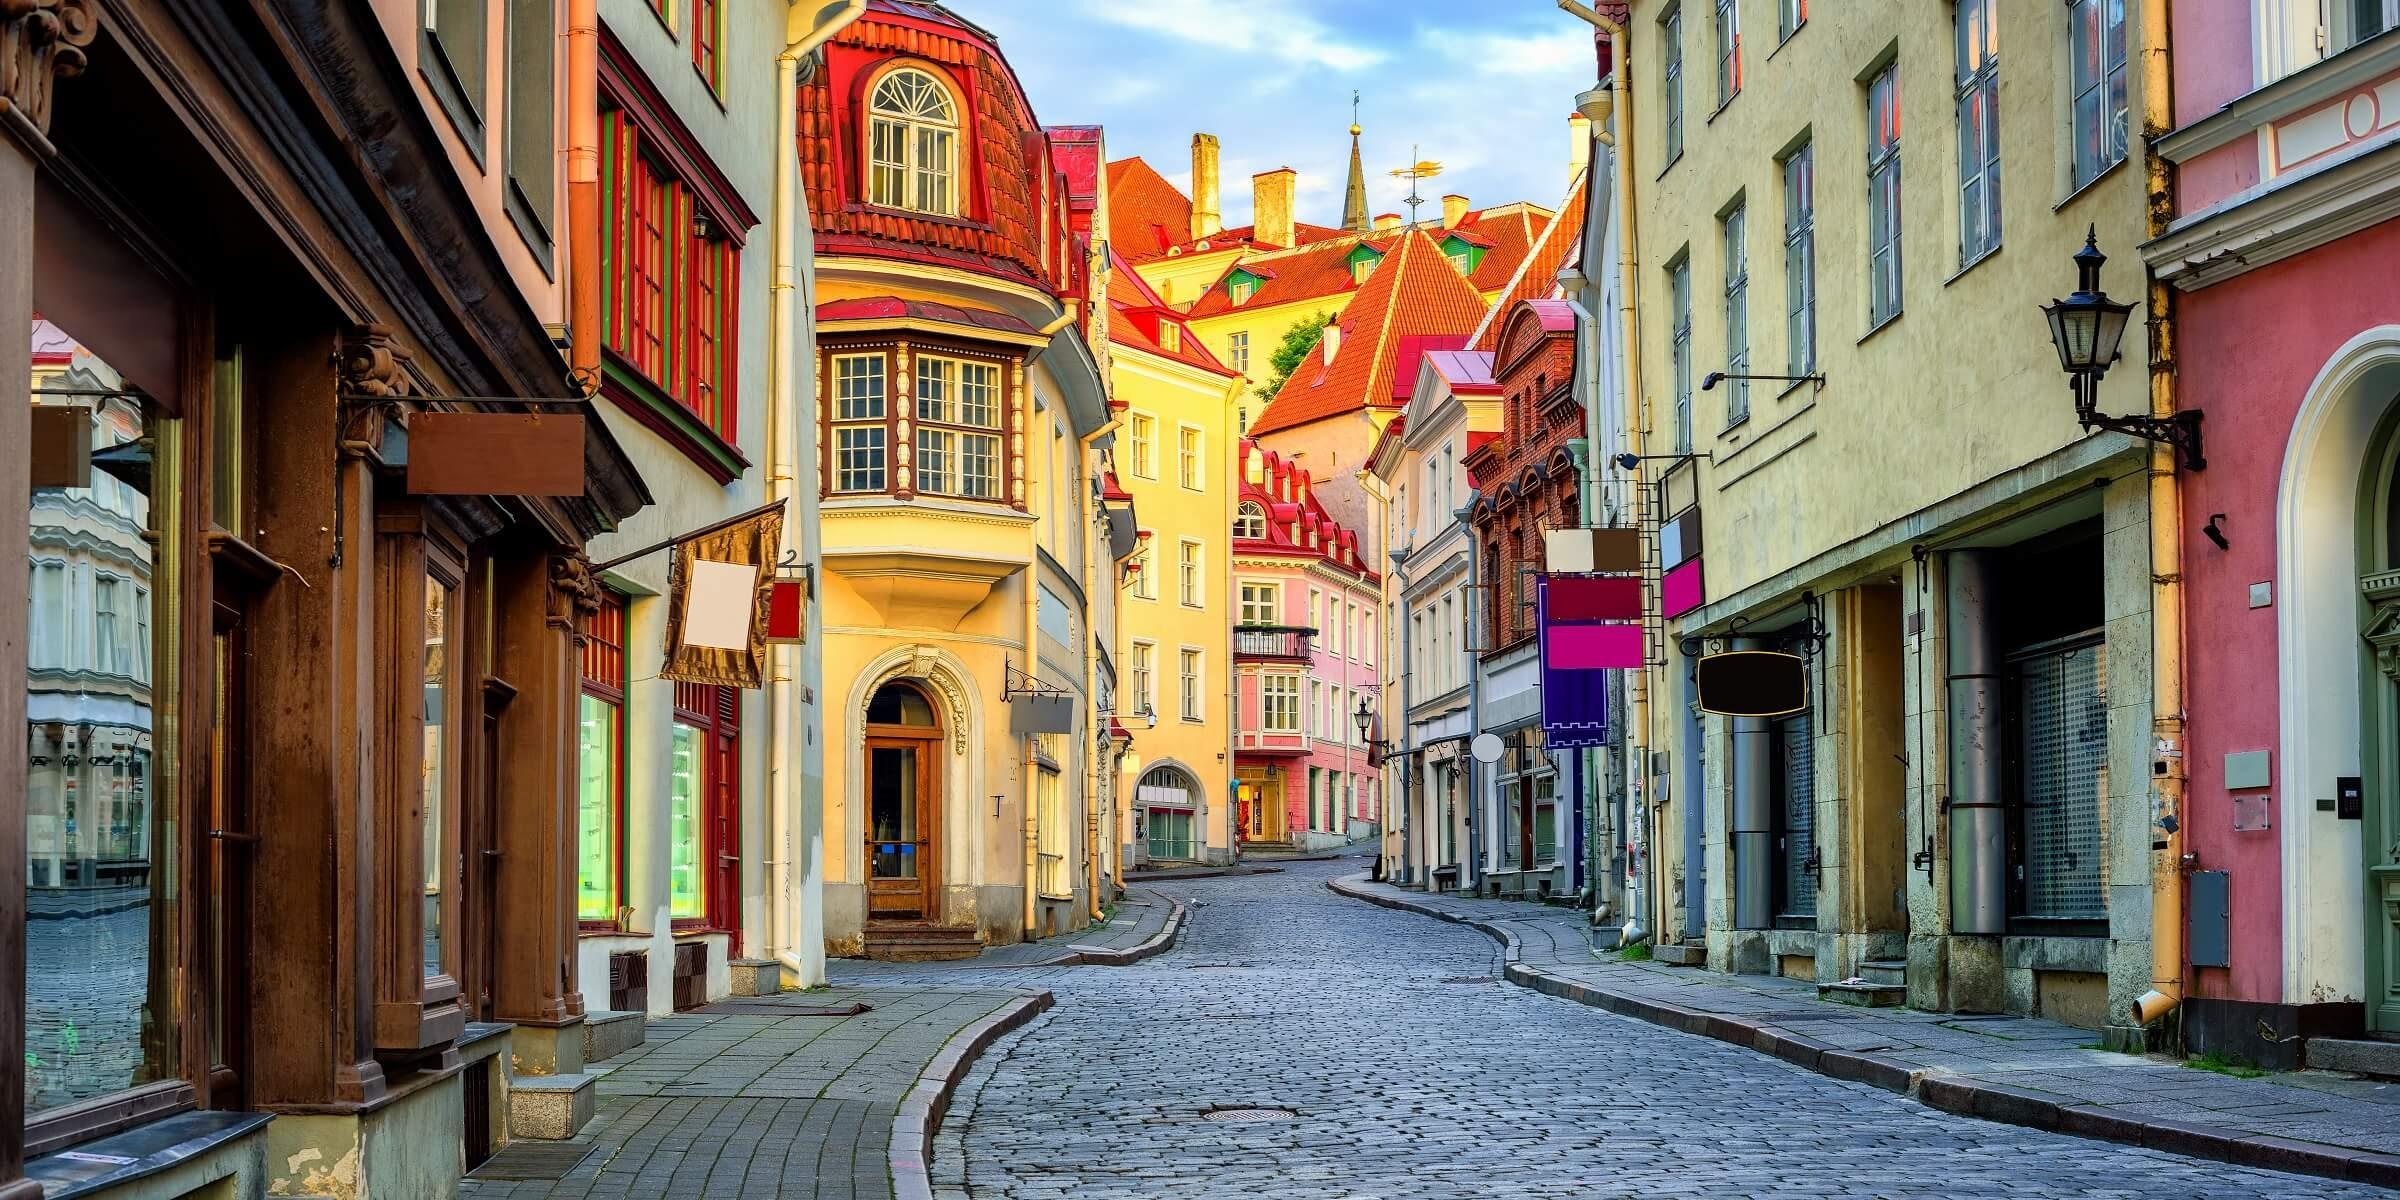 Bunte Straßen in Tallin laden zum Kaffee trinken oder Bummeln ein